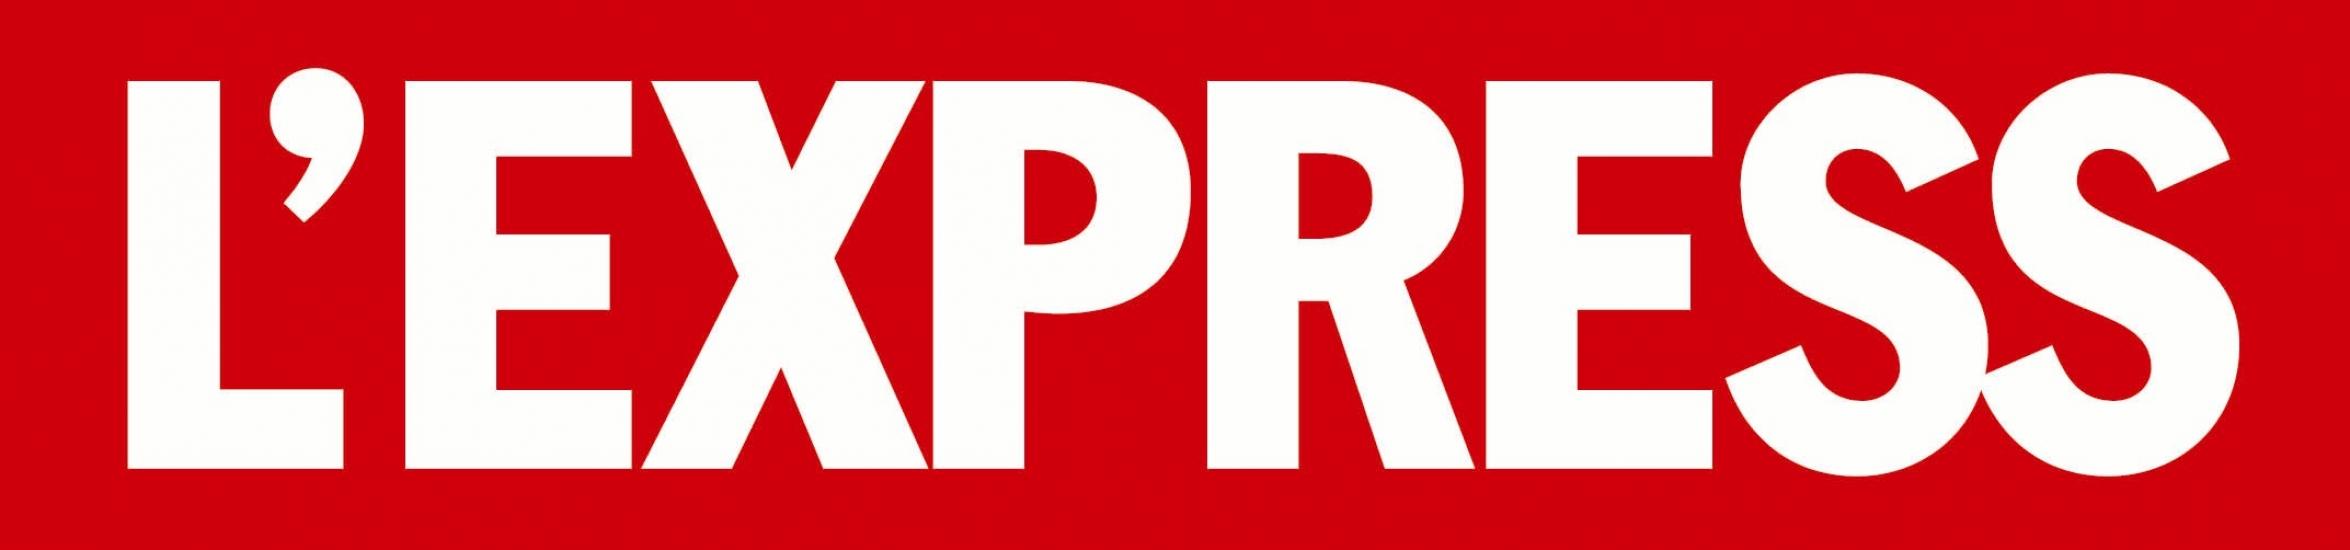 Site de rencontre xpress